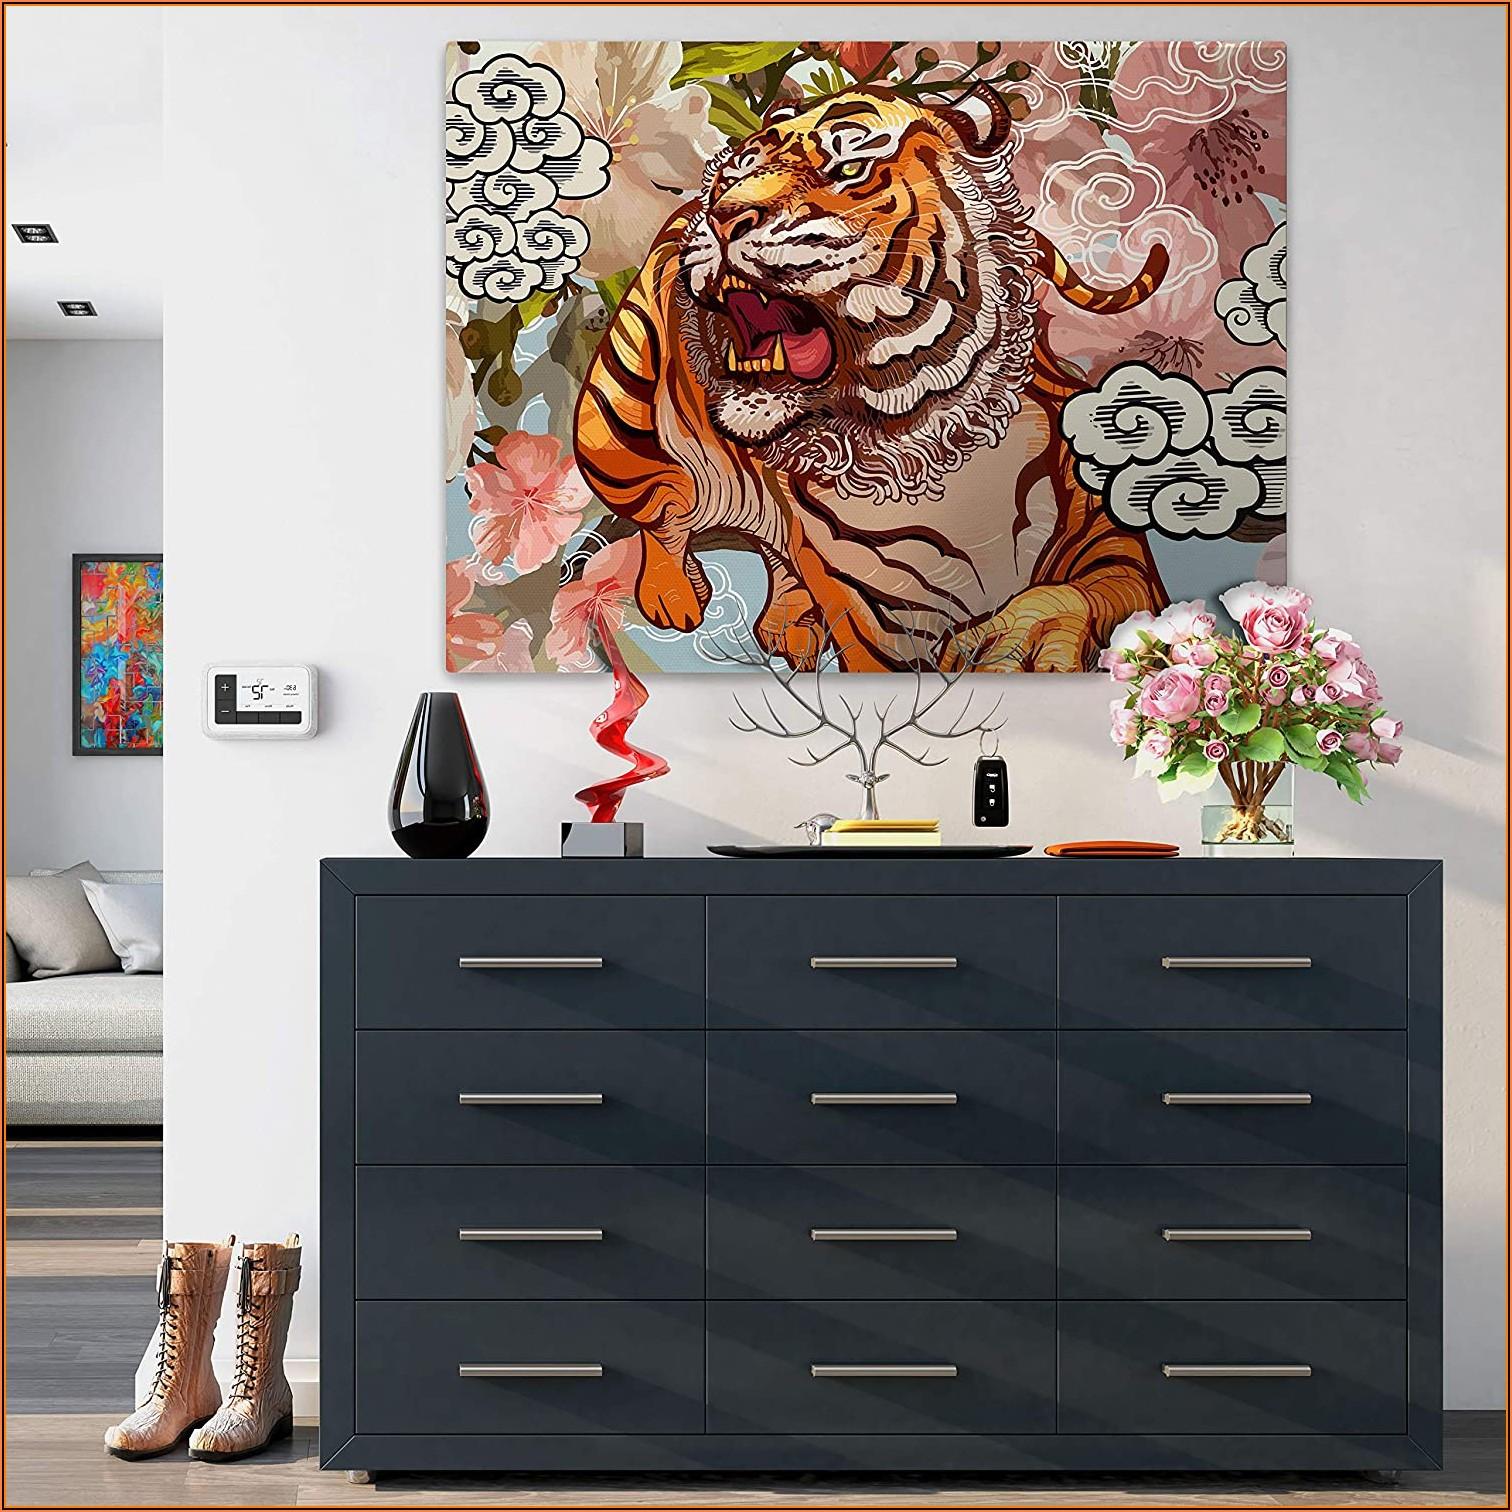 Wohnzimmer Bild Querformat